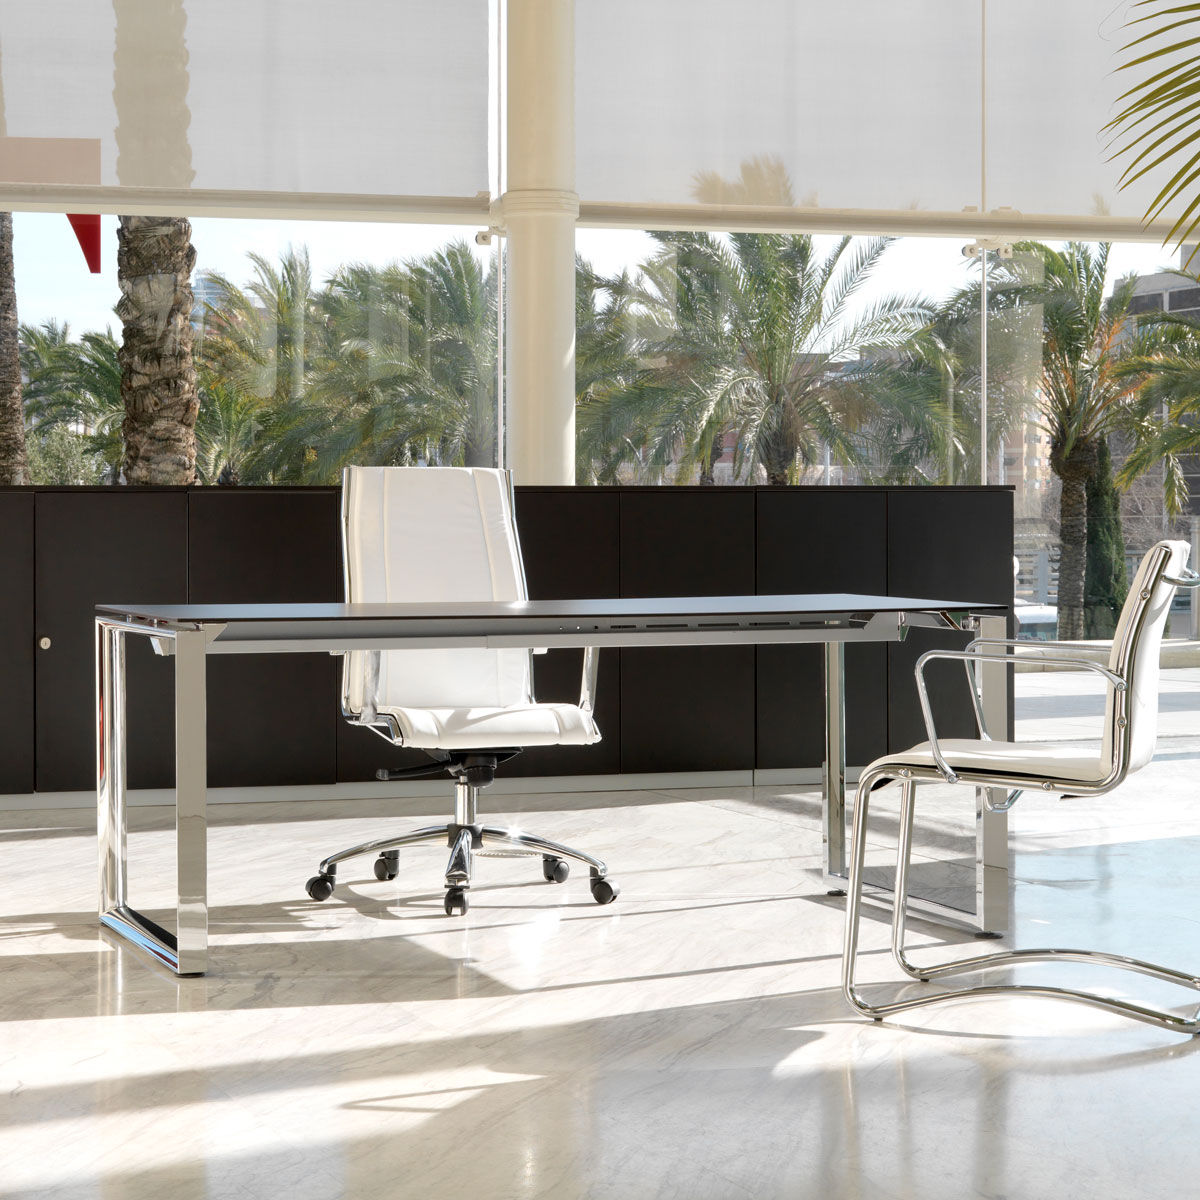 Mesas de oficina nobu - Mesas de oficina ...